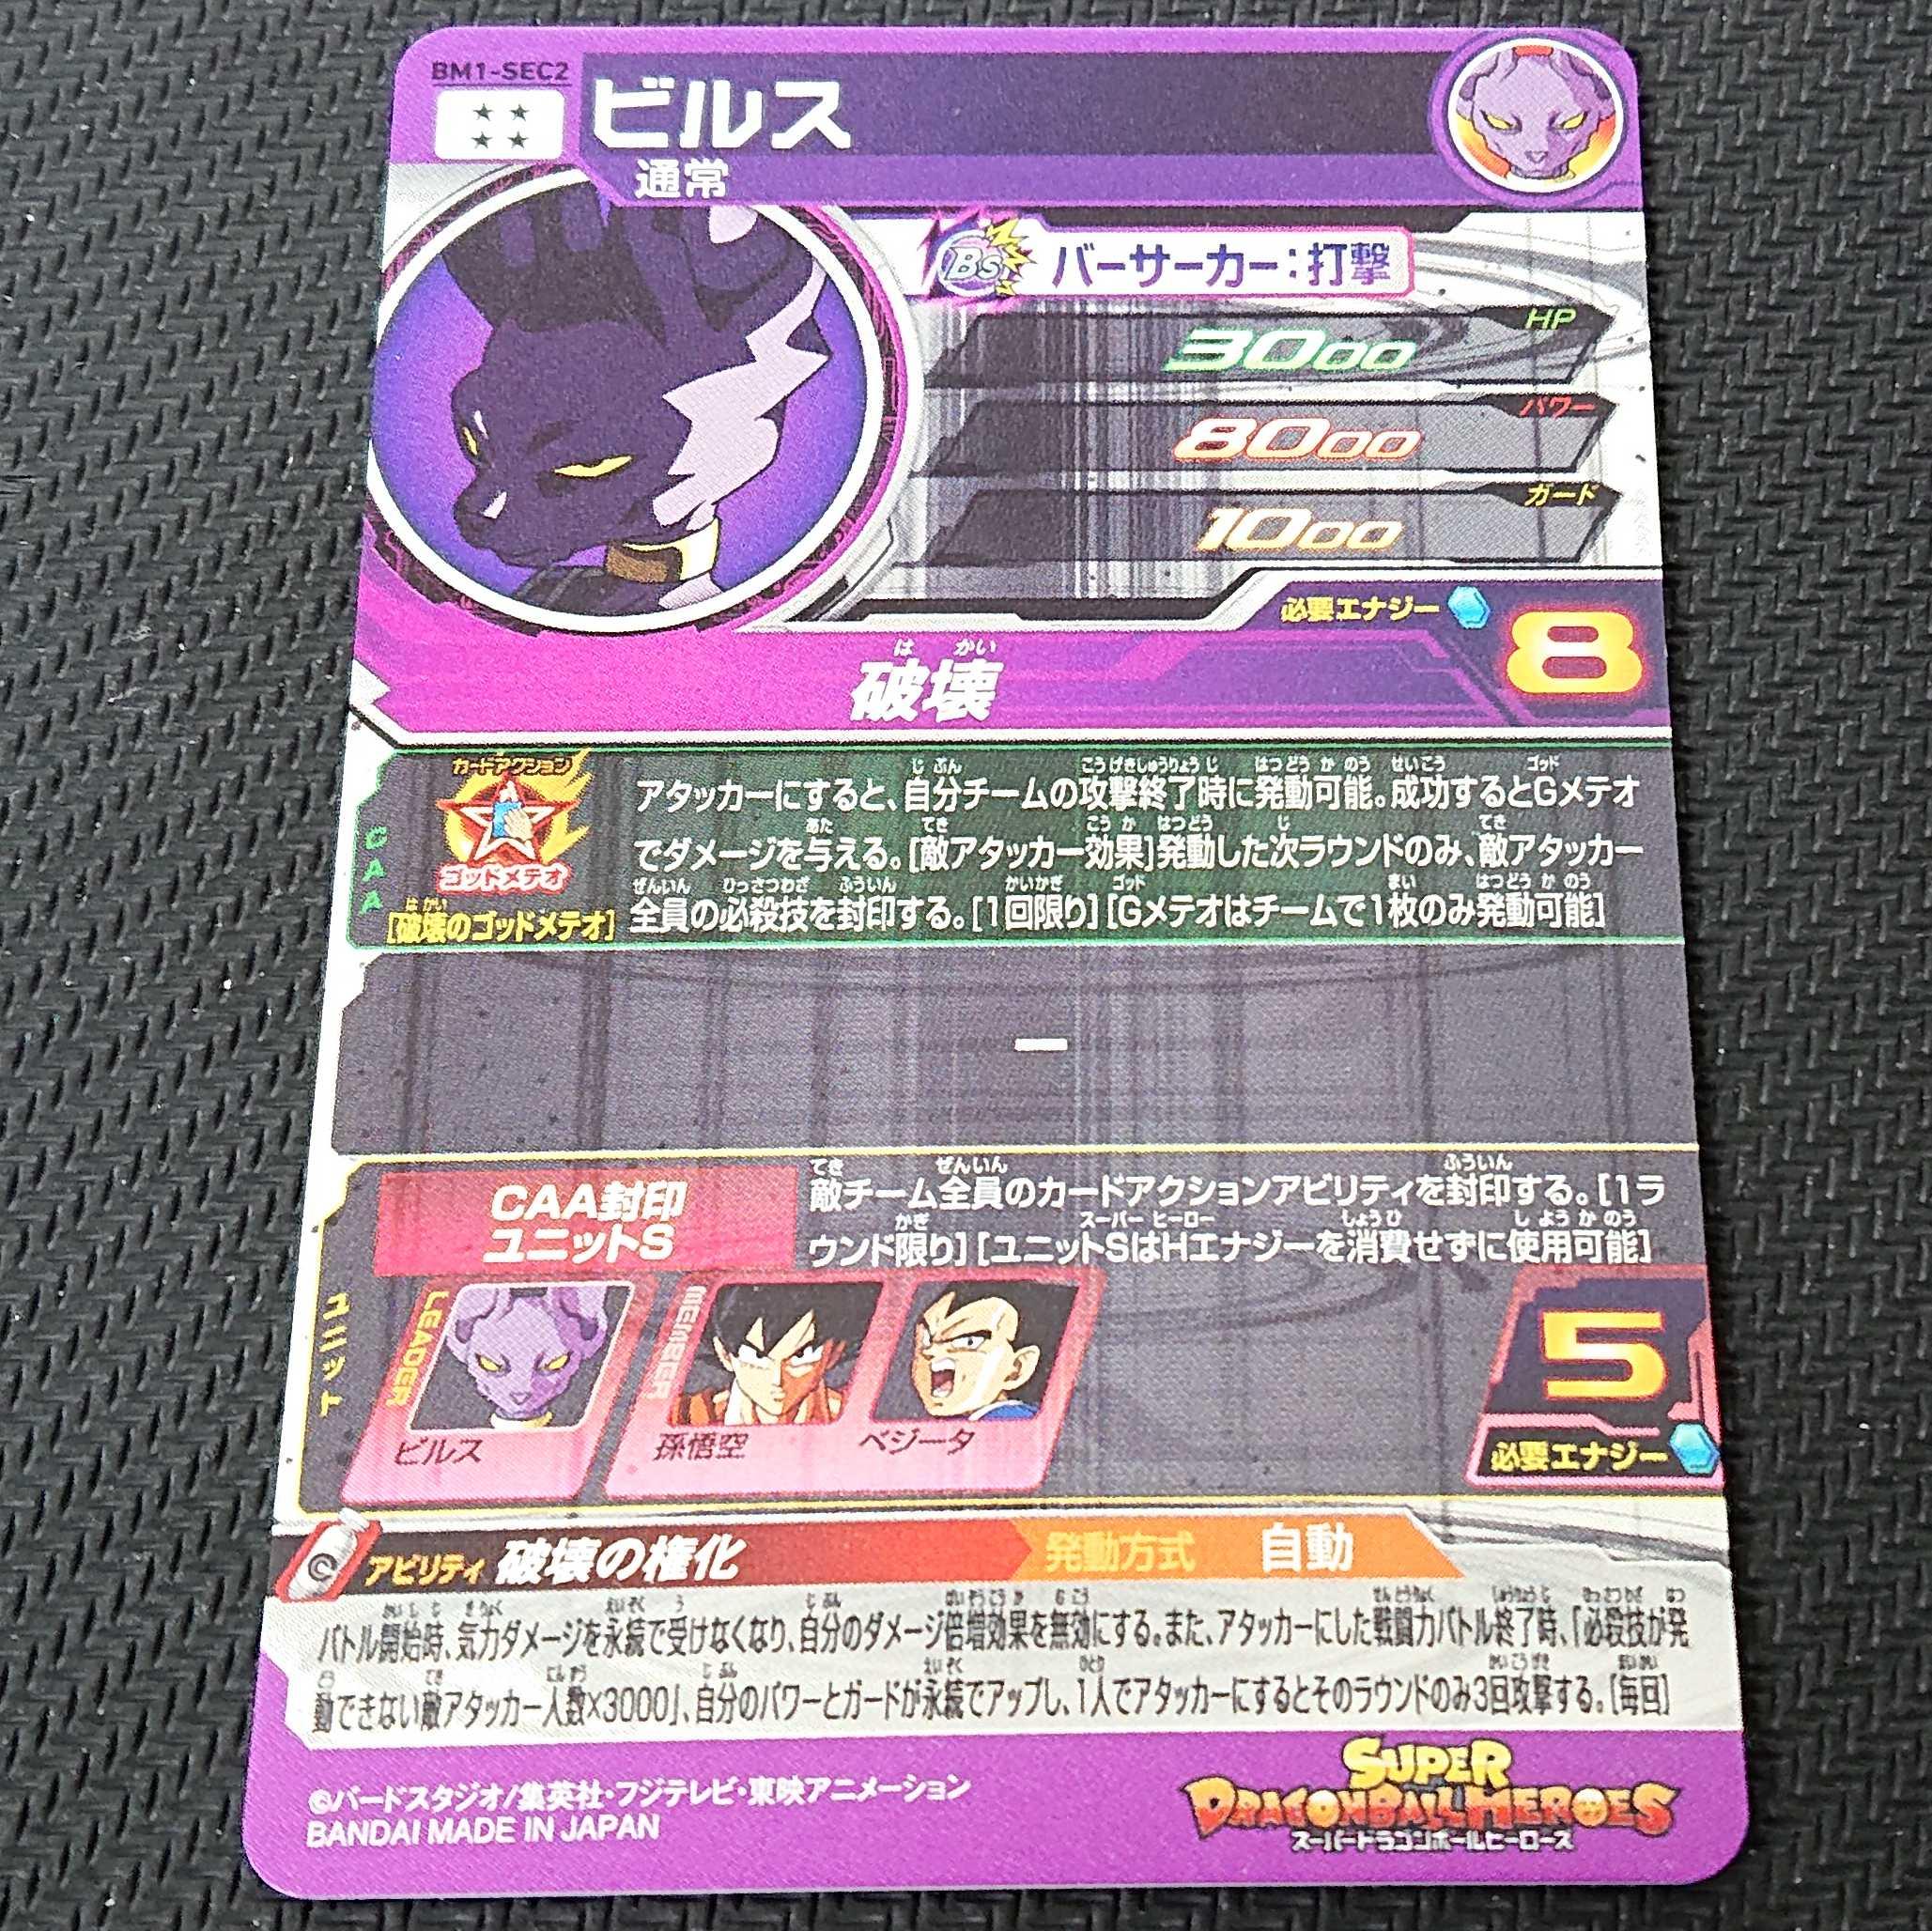 ビルス BM1-SEC2 浪漫遊 【00036-41】